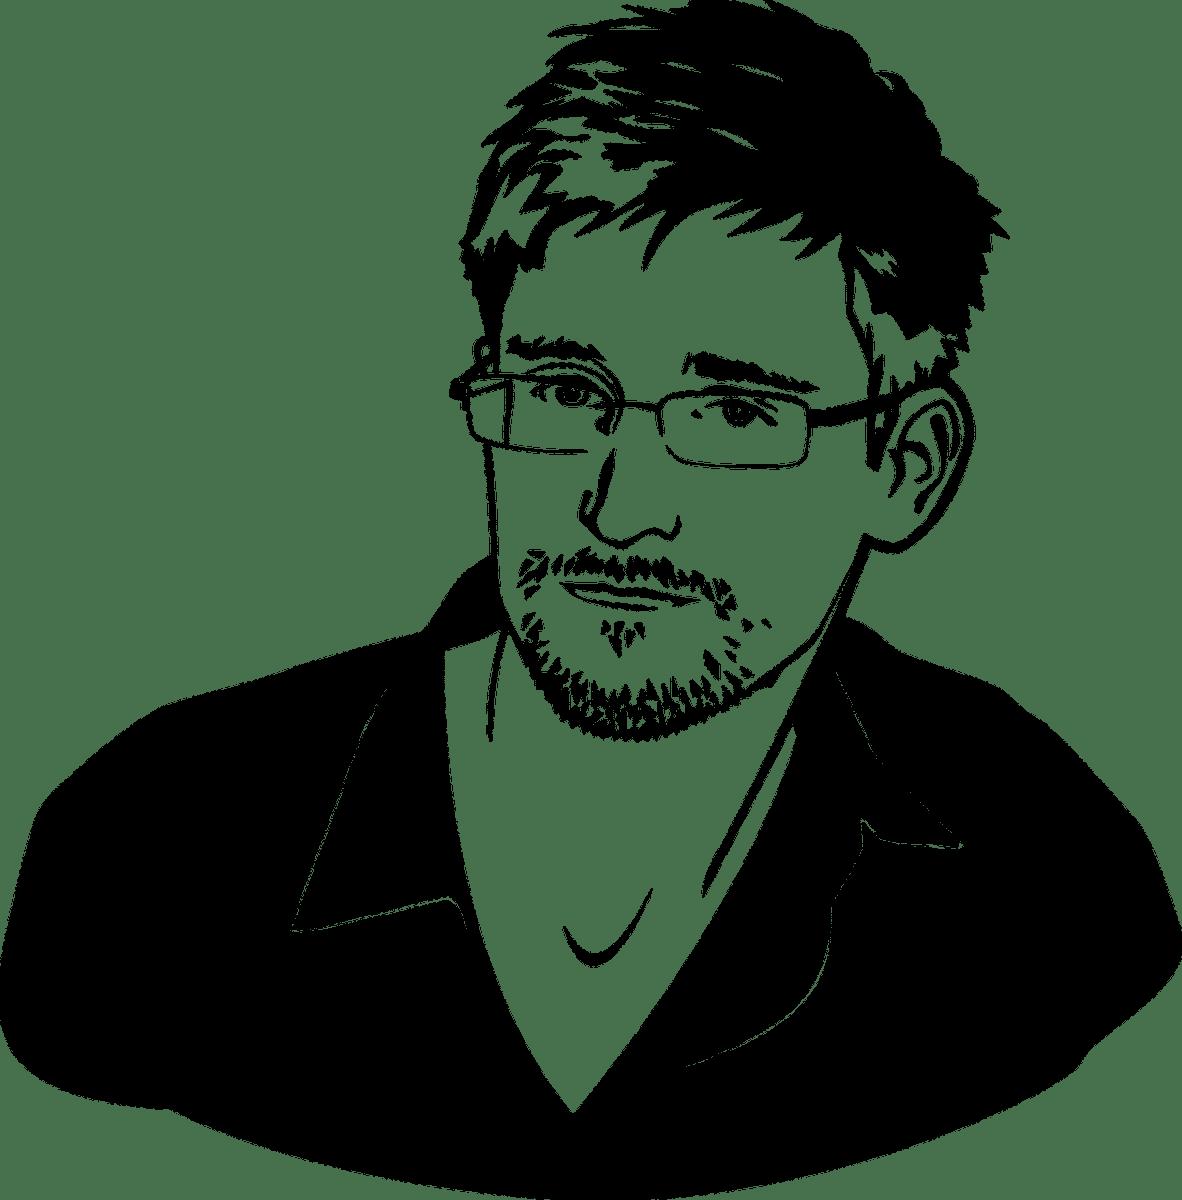 Edward Snowden seguridad espionaje datos información personal